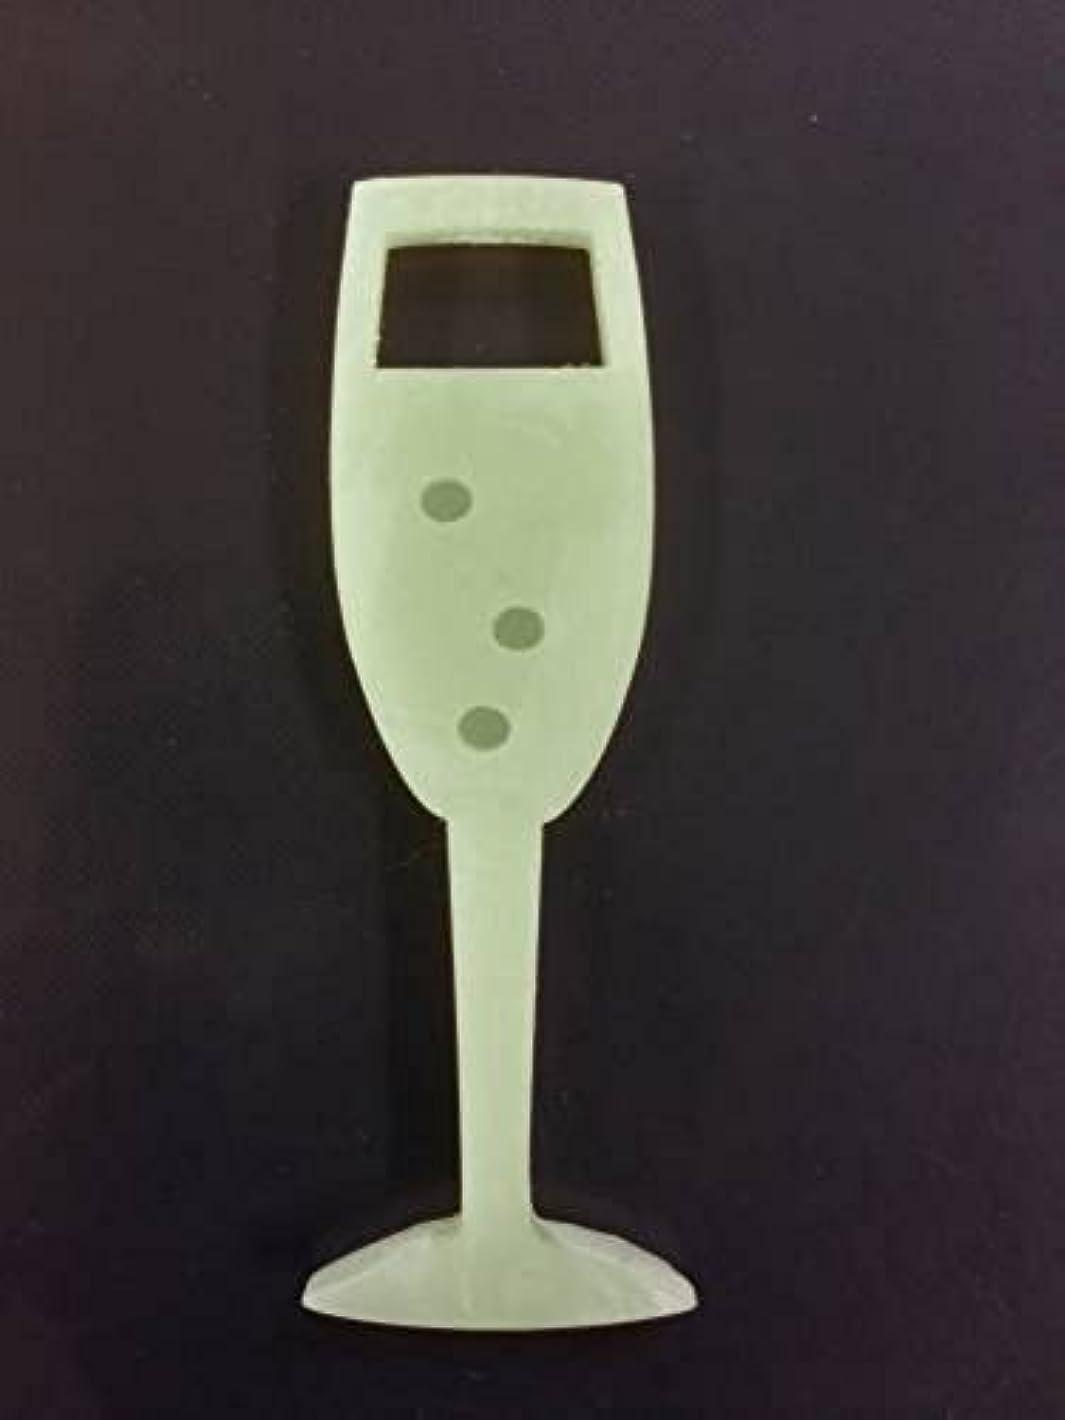 財団促進するケープGRASSE TOKYO AROMATICWAXチャーム「シャンパングラス」(GR) レモングラス アロマティックワックス グラーストウキョウ